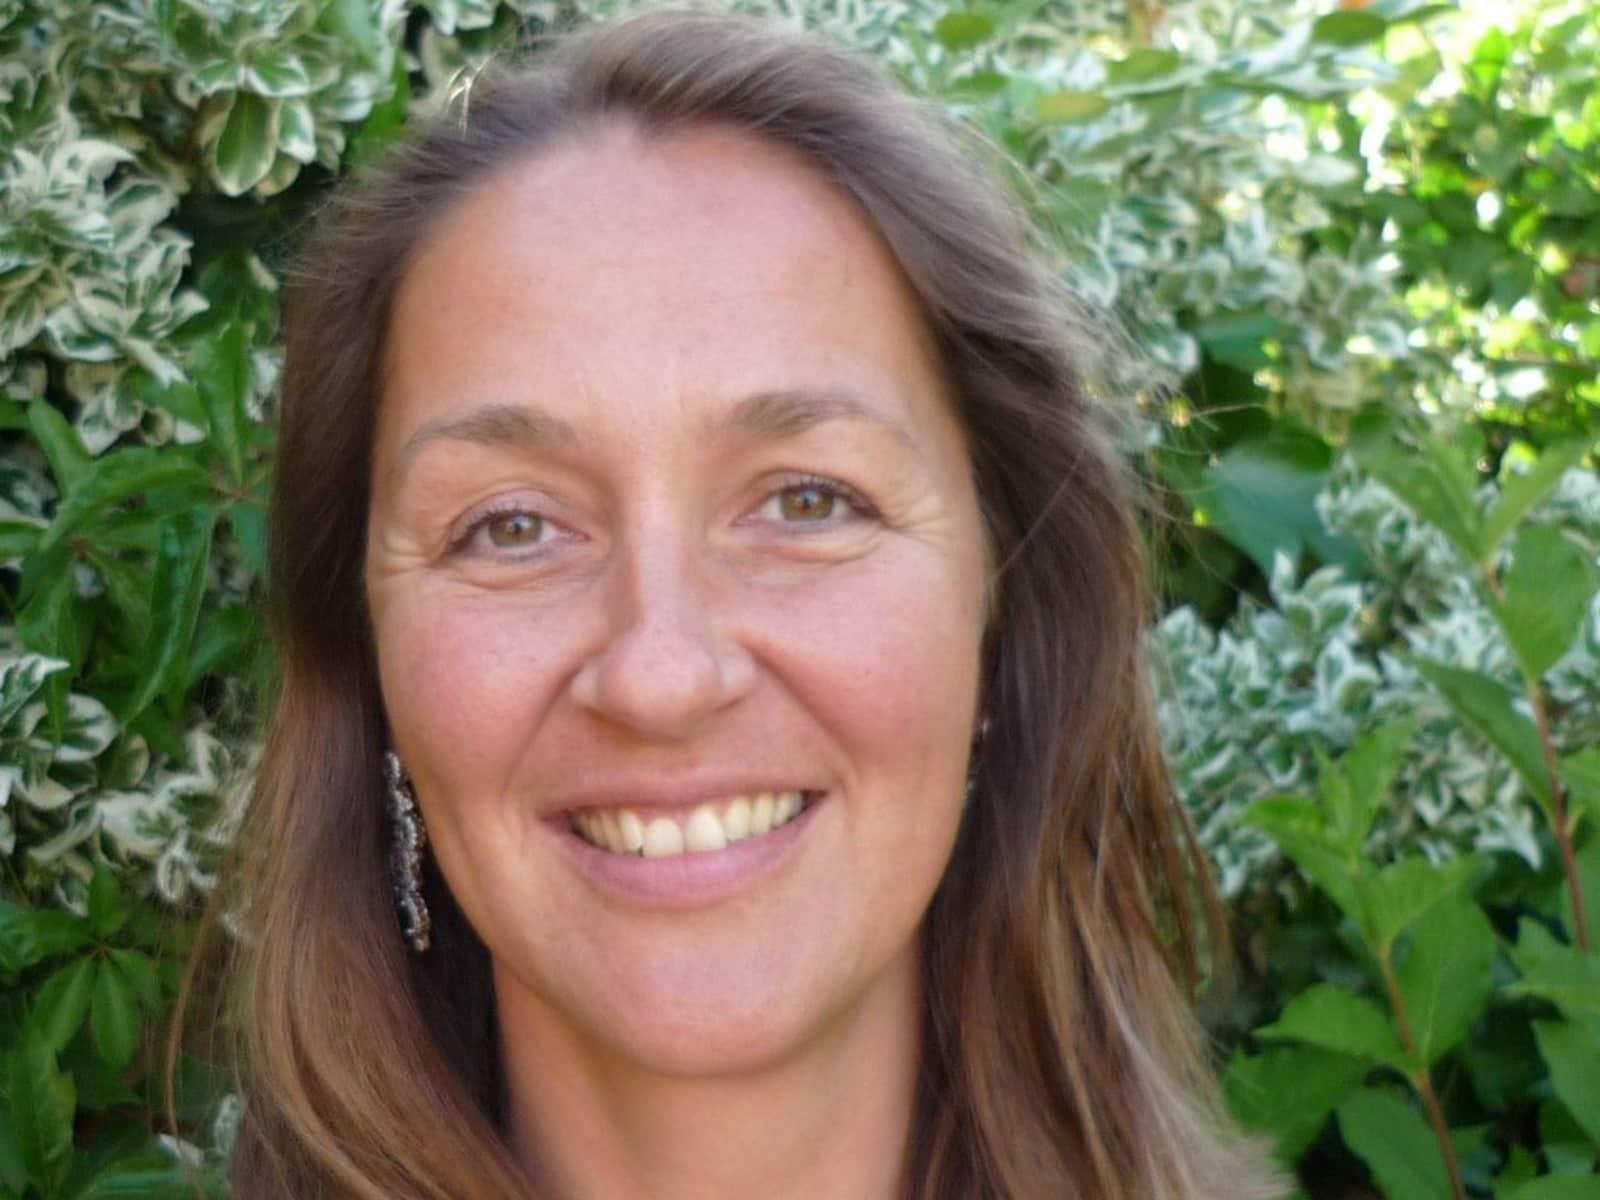 Dolores from Den Burg, Netherlands